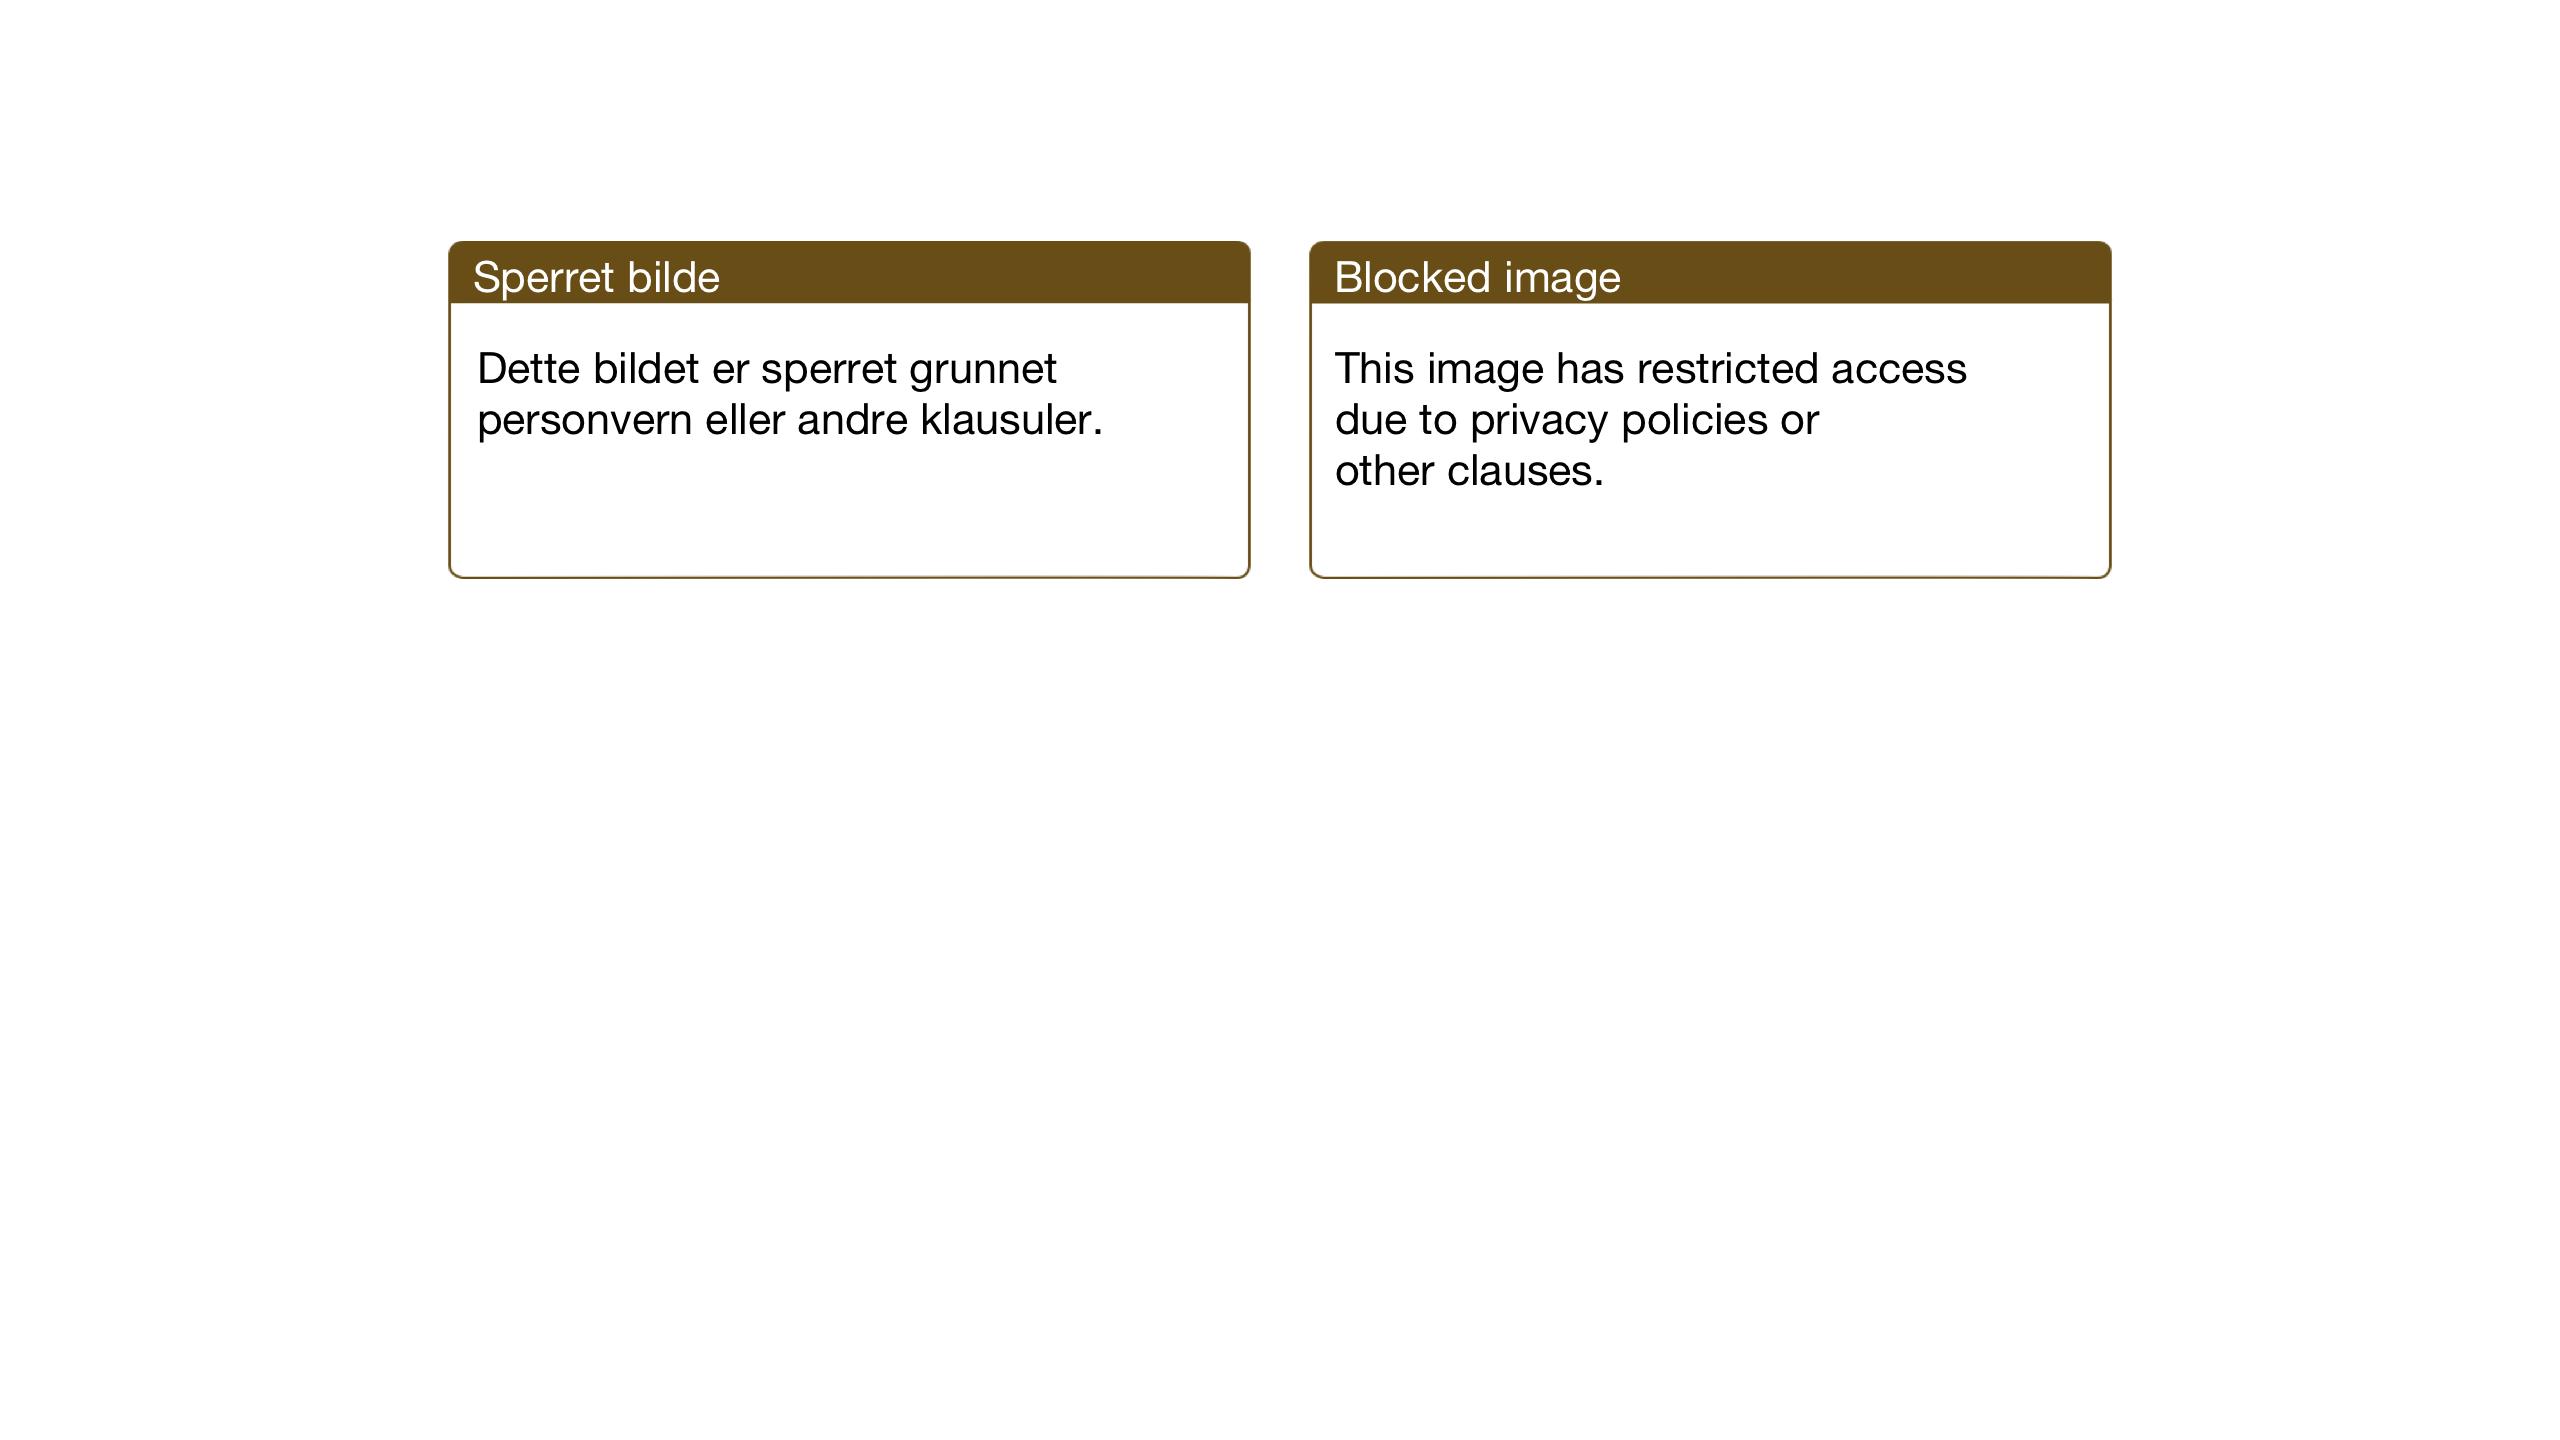 SAT, Ministerialprotokoller, klokkerbøker og fødselsregistre - Nord-Trøndelag, 709/L0089: Klokkerbok nr. 709C03, 1935-1948, s. 63